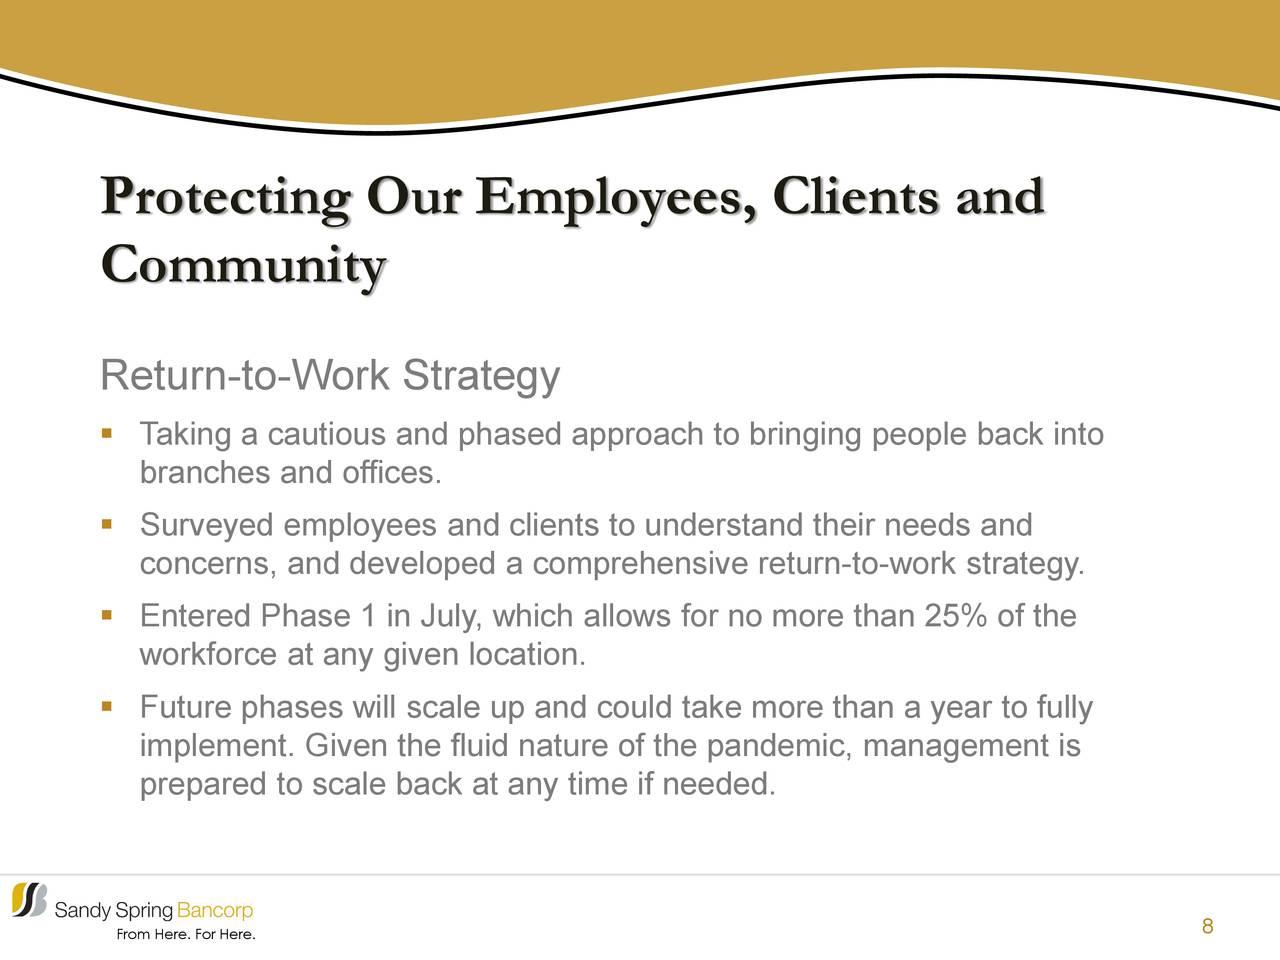 Protección de nuestros empleados, clientes y